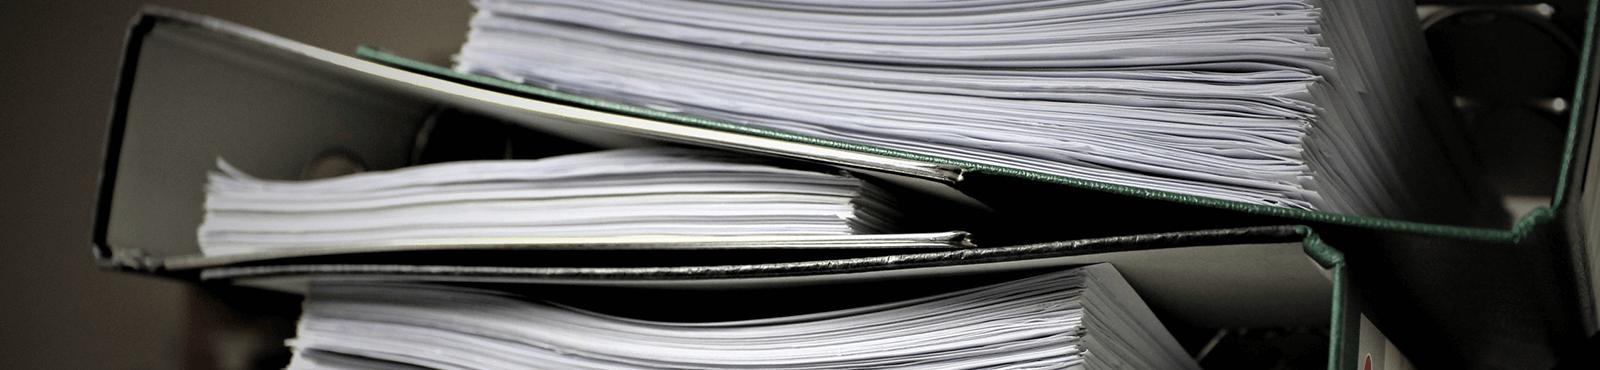 MeinBüro Bürosoftware mit Dokumentenablage